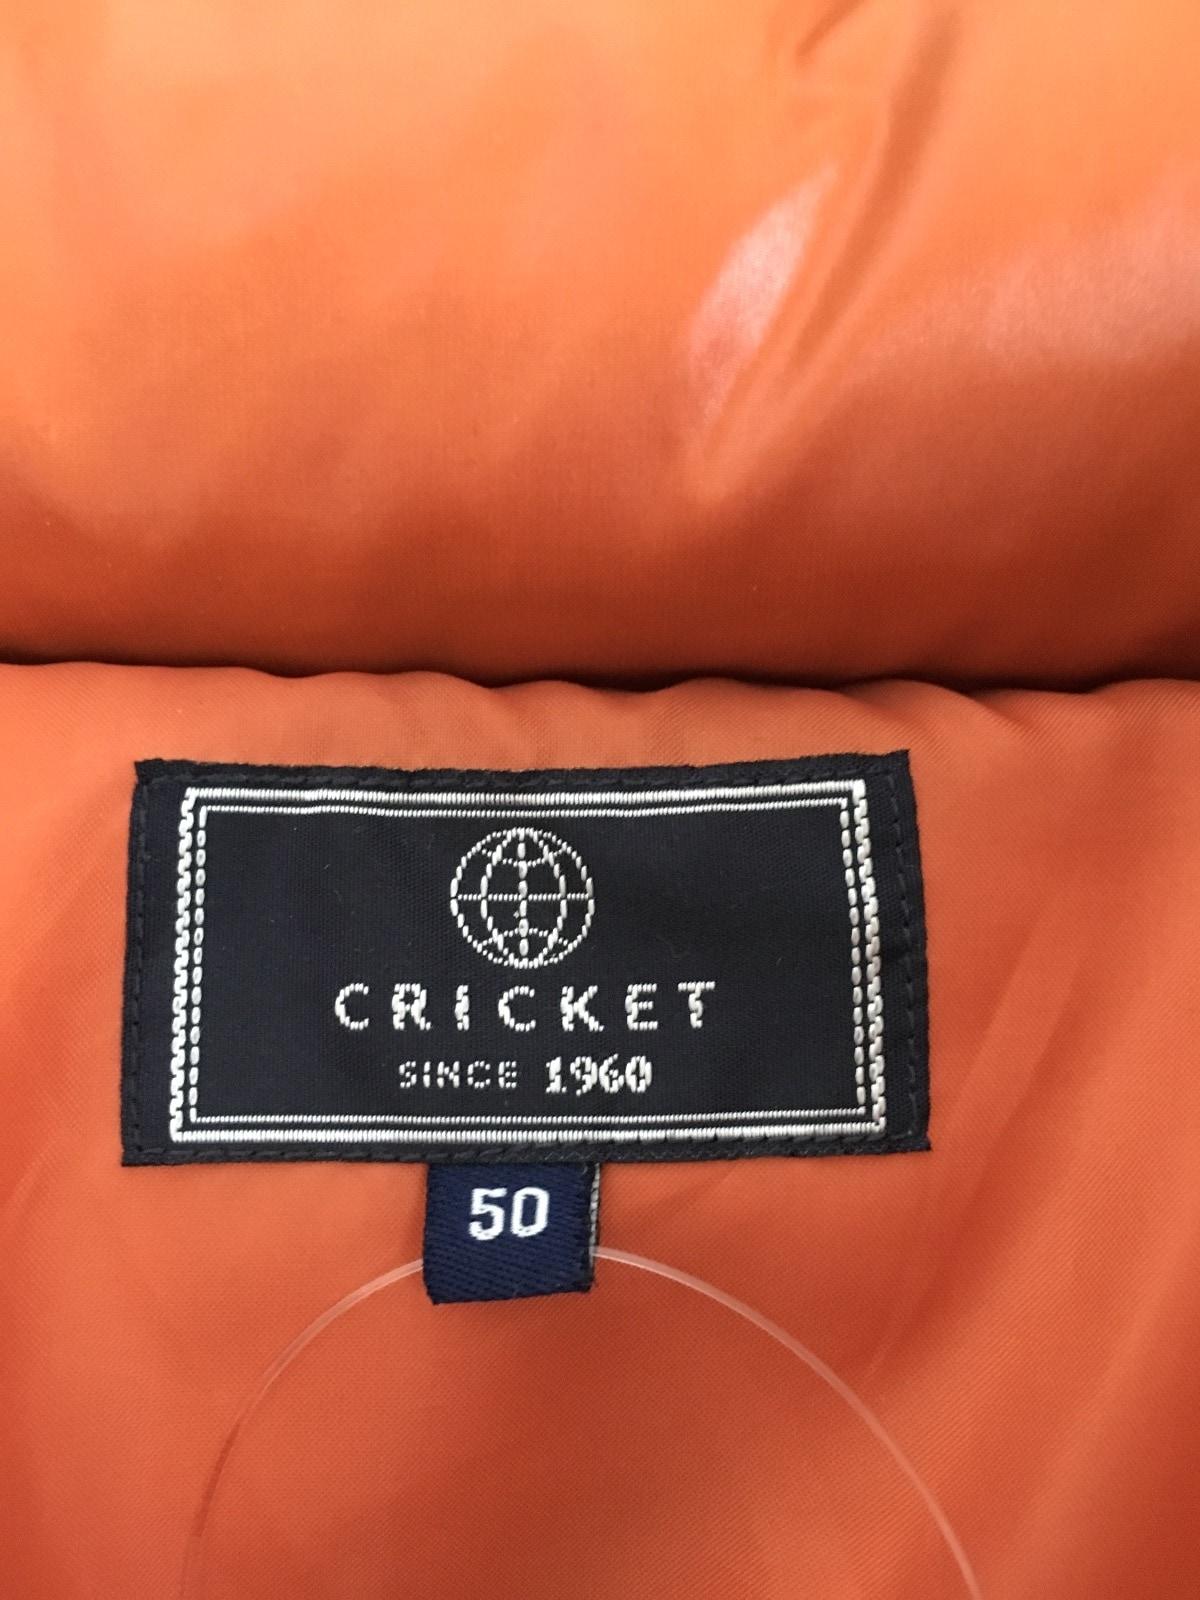 CRICKET(クリケット)のダウンジャケット